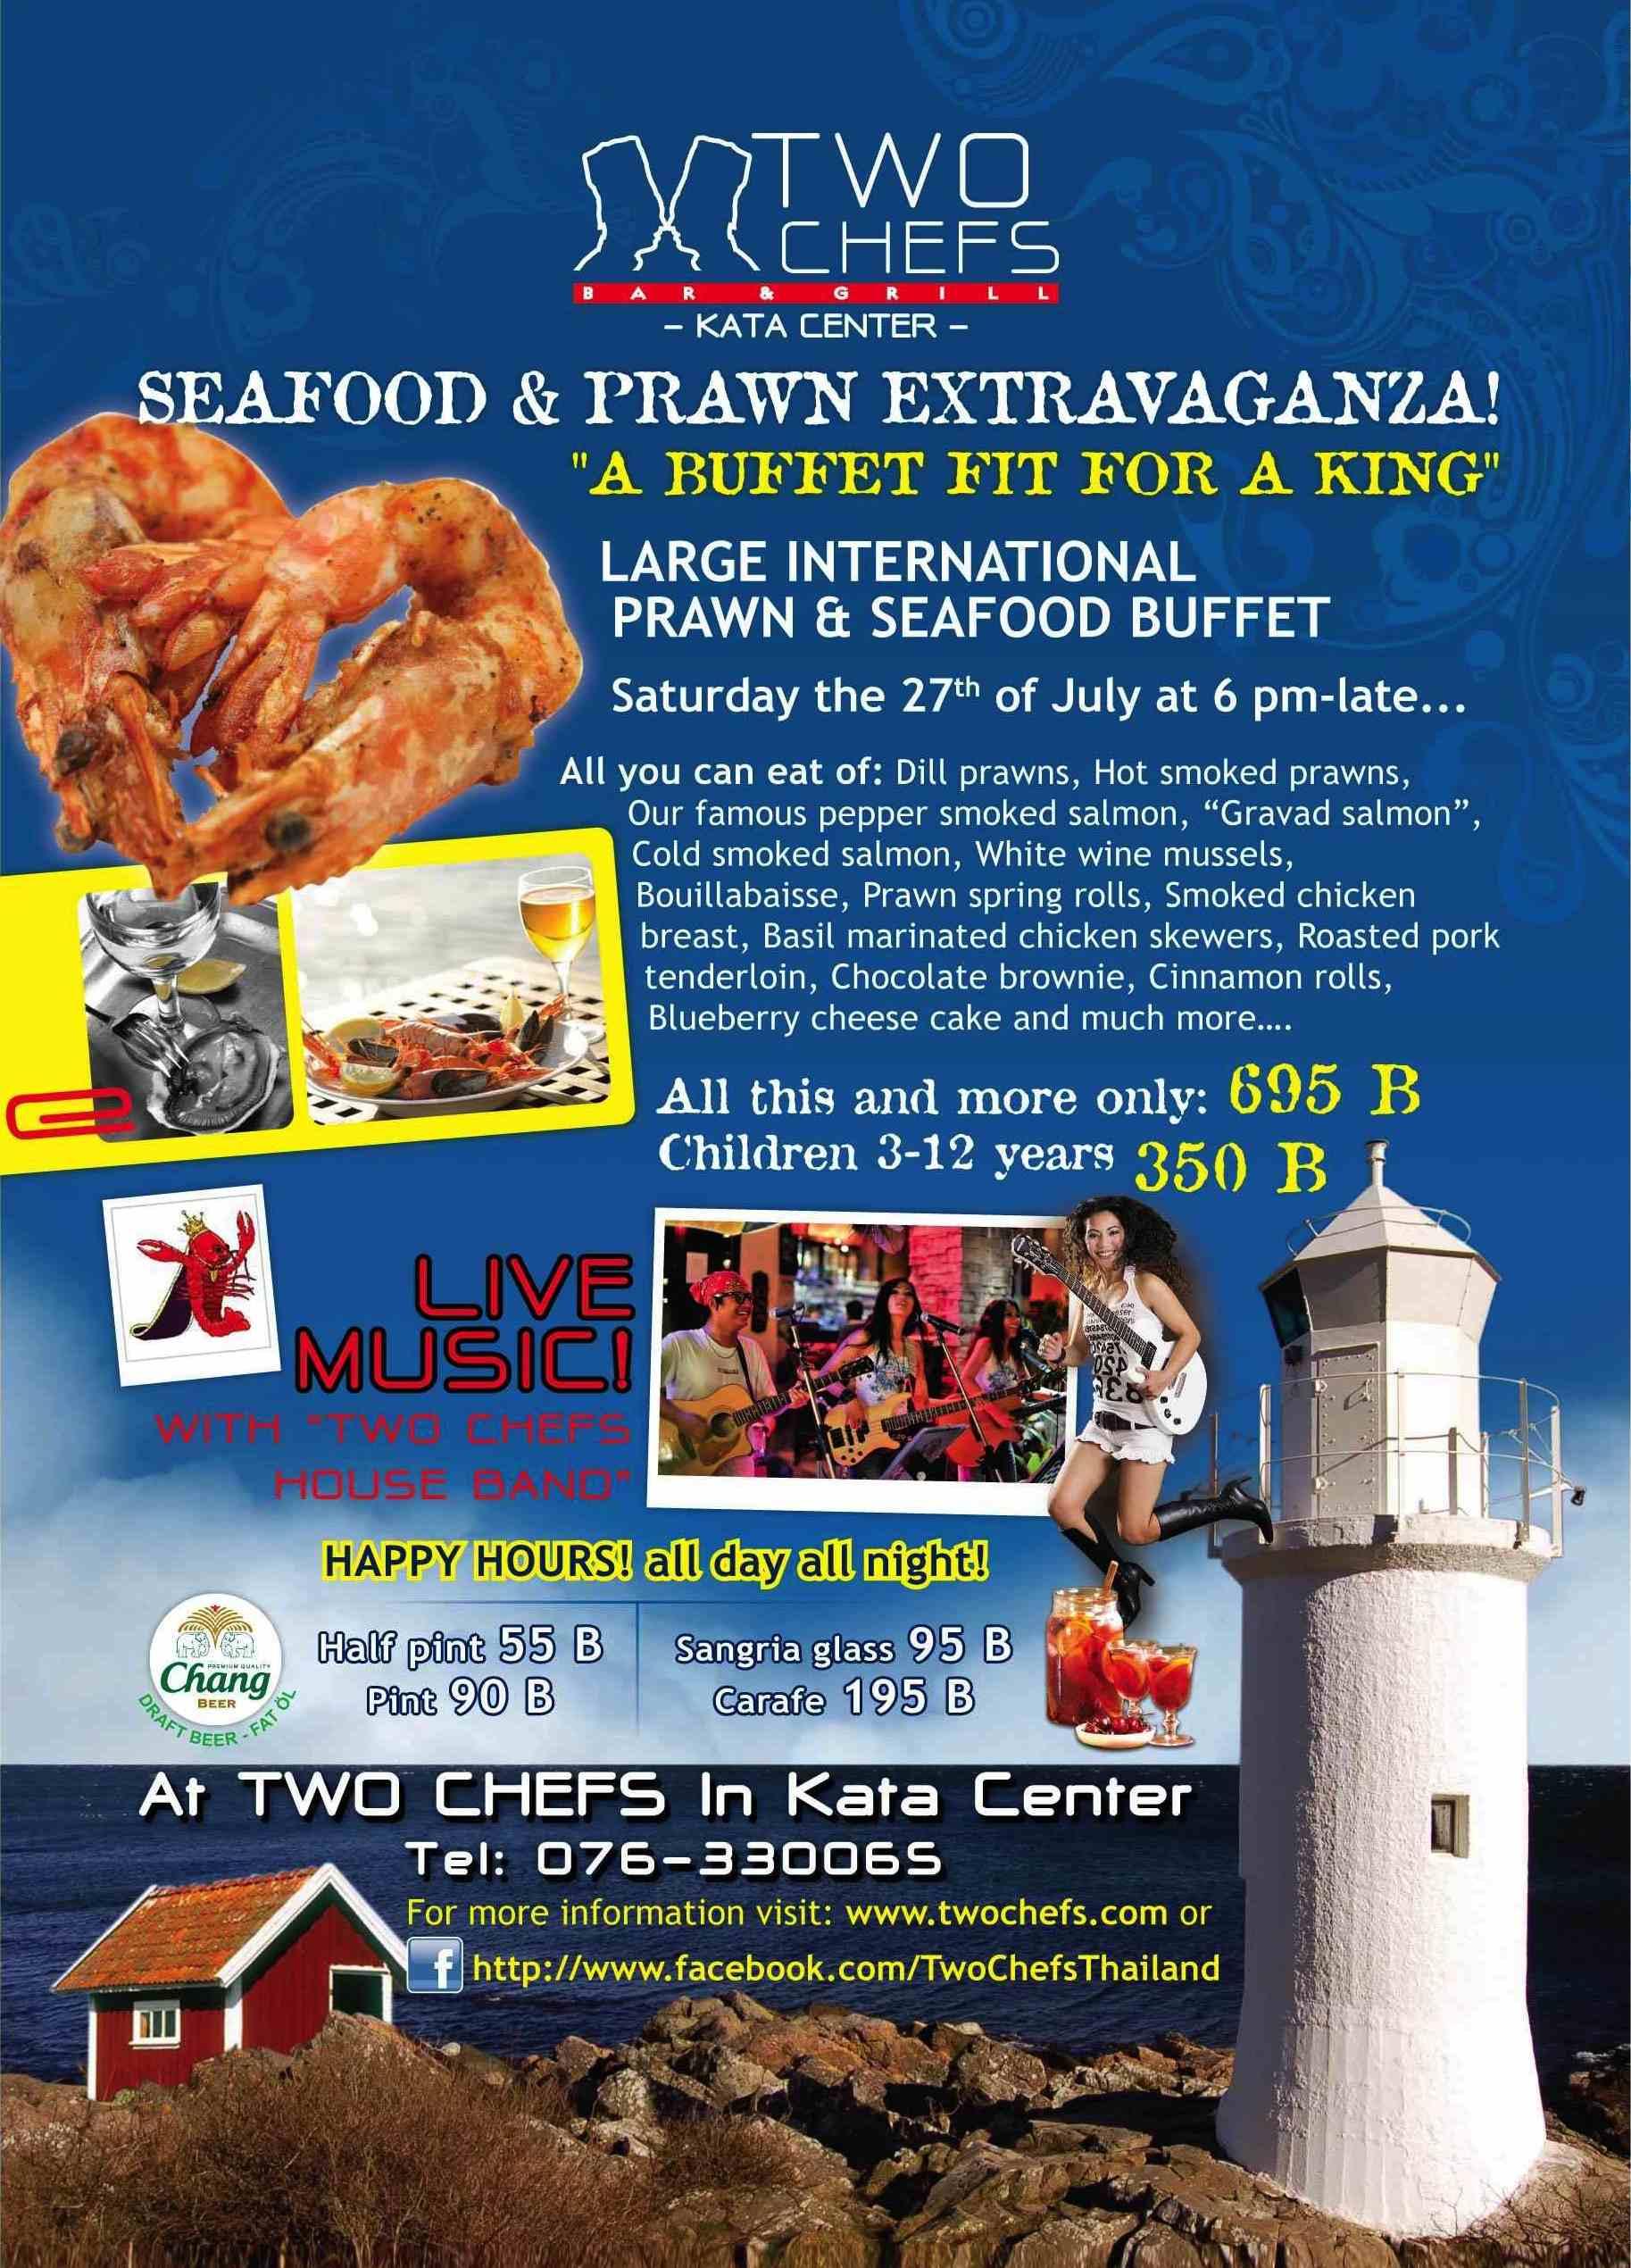 2  chef phuket  best nightclub nightlife 2 Chefs Buffet with Live Musicians 2 Chefs Buffet with Live Musicians 2 chef phuket best nightlife copy